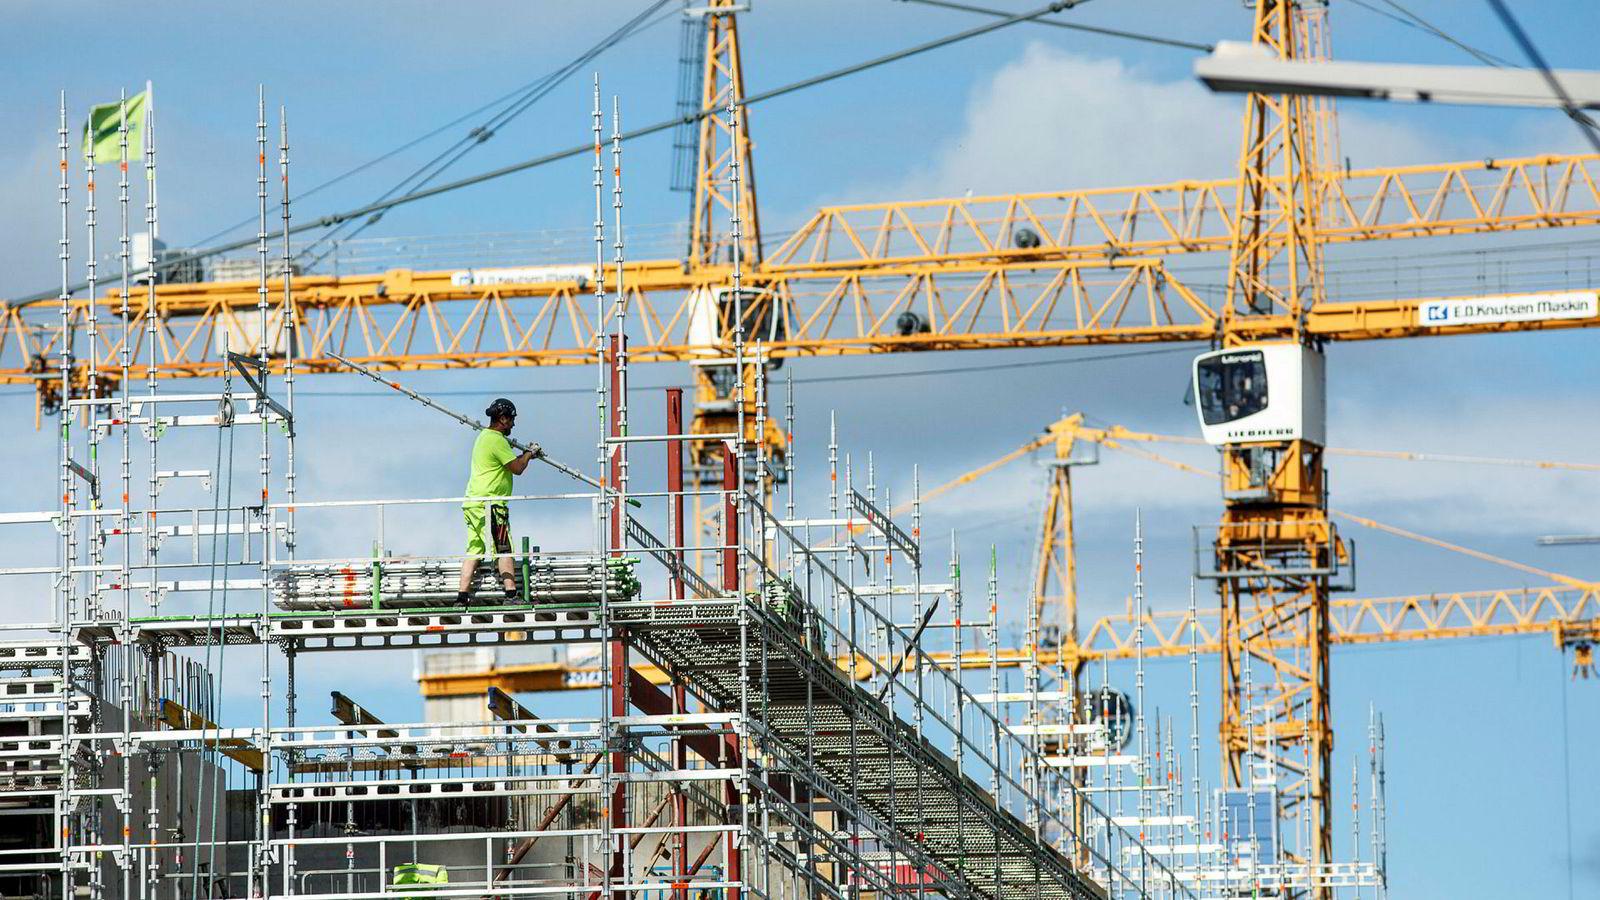 Sanntidsindeksen FNI viser at det fortsatt er høy aktivitet i norsk økonomi. Her fra en byggeplass i Oslo.